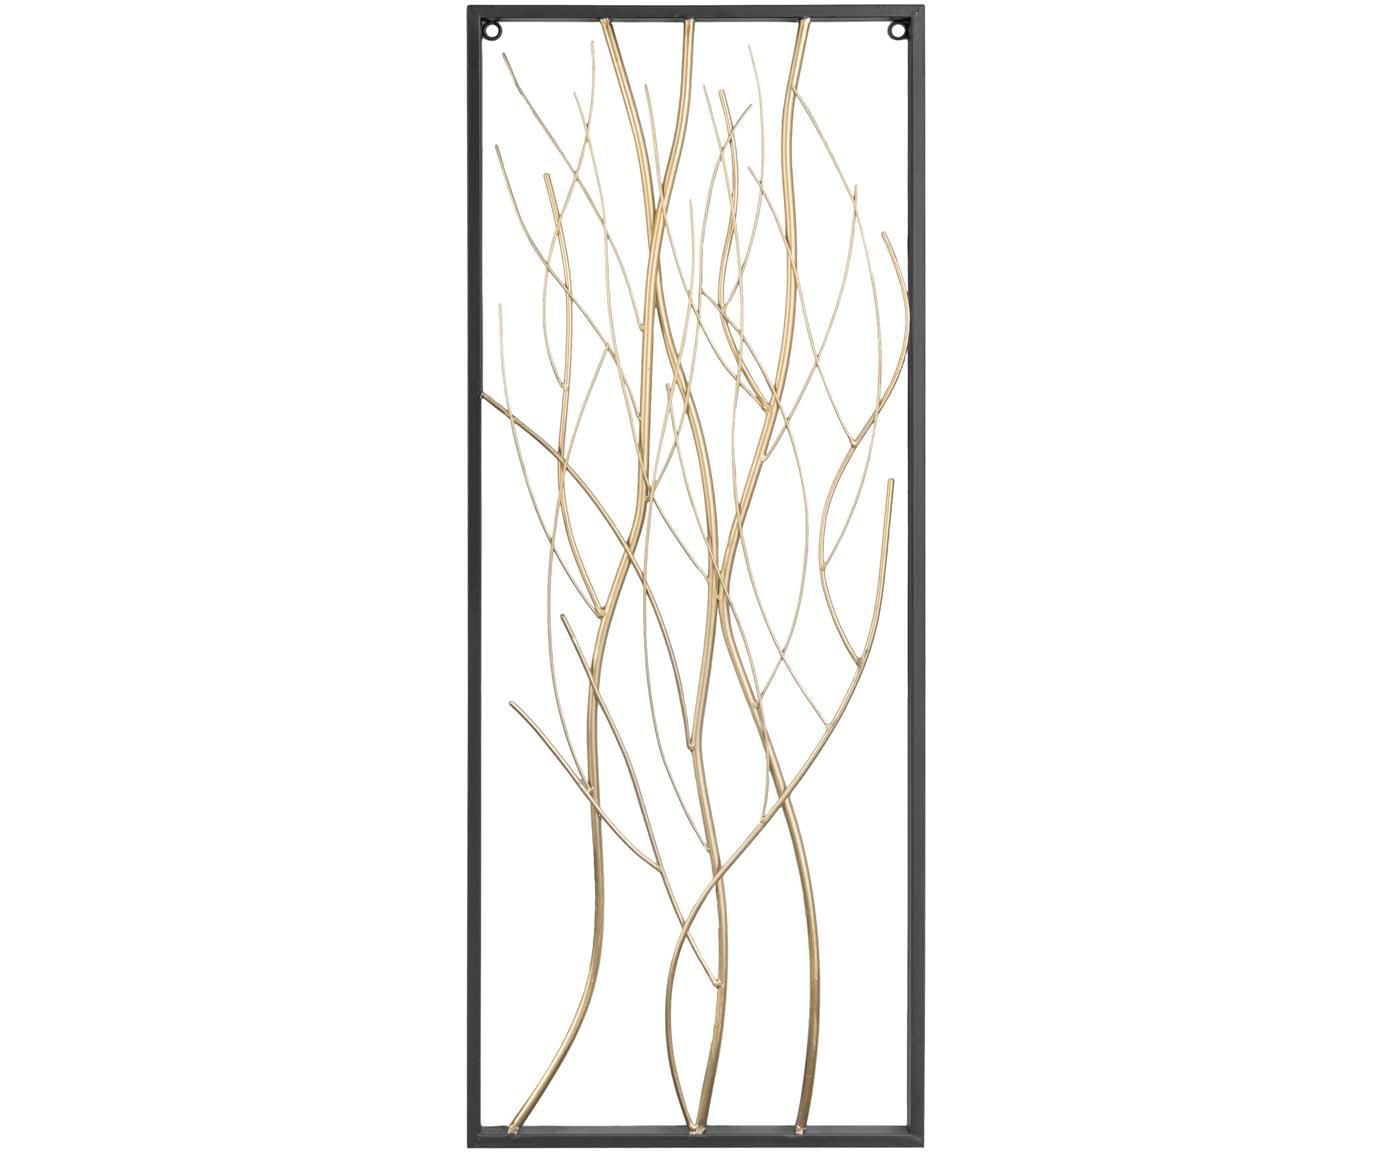 Dekoracja ścienna z metalu Branches, Metal lakierowany, Czarny, odcienie mosiądzu, biały, S 33 x W 85 cm